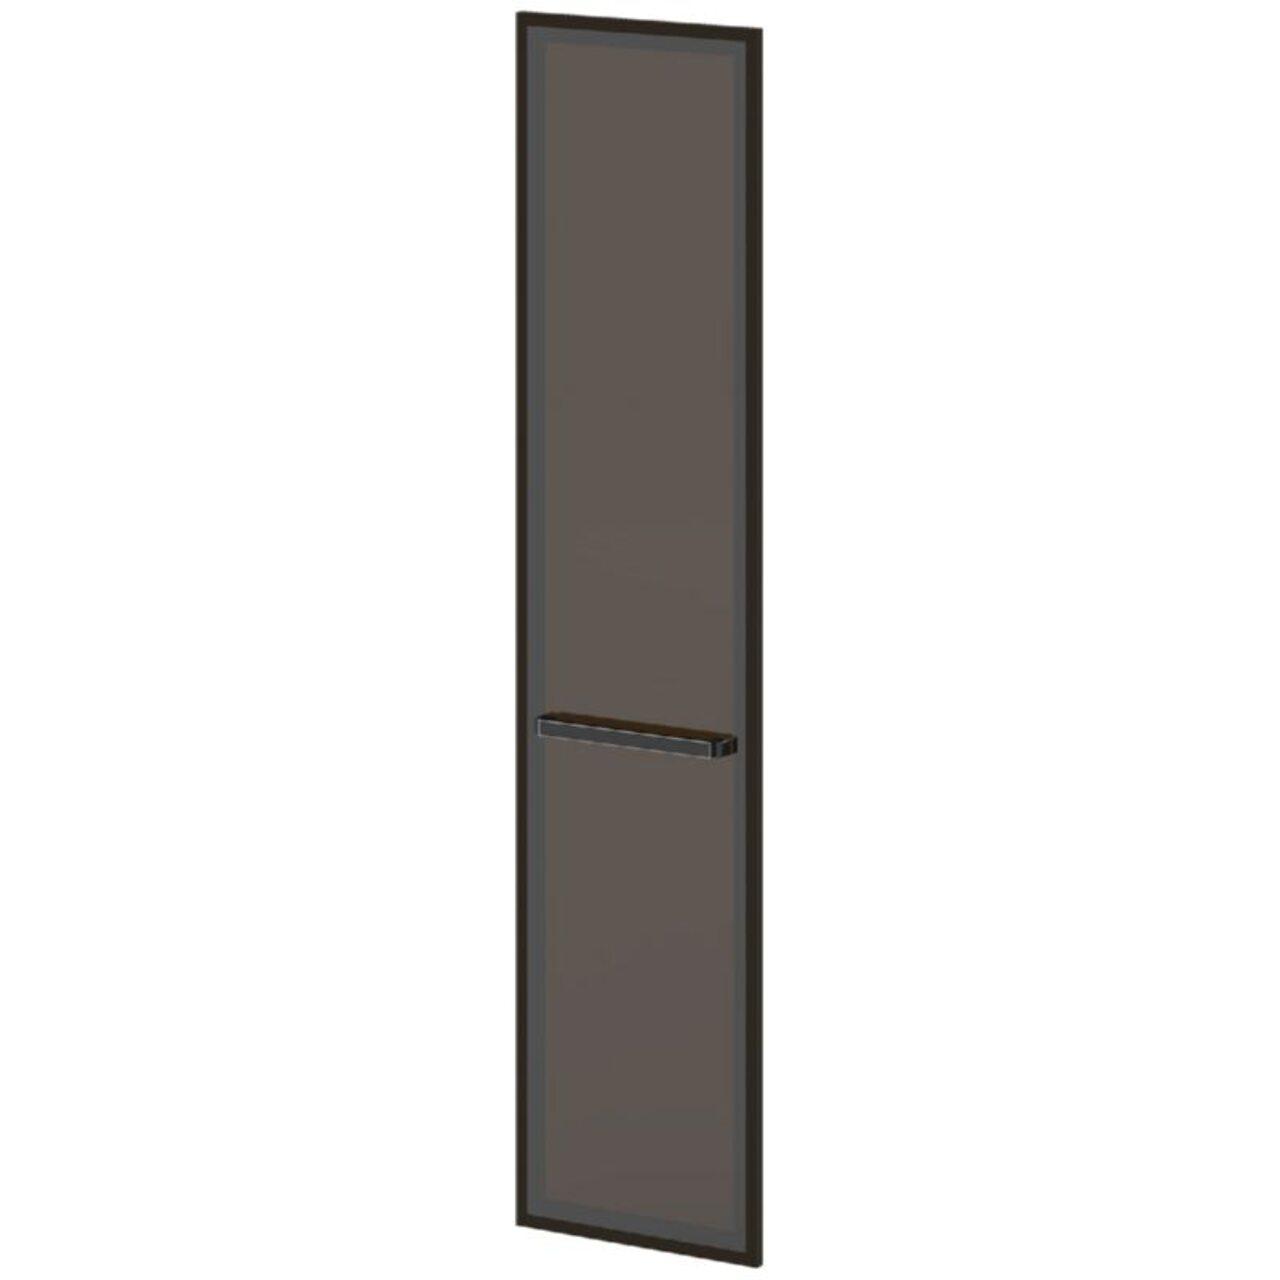 Дверь высокая для стеллажей L-67, L-72 - фото 1